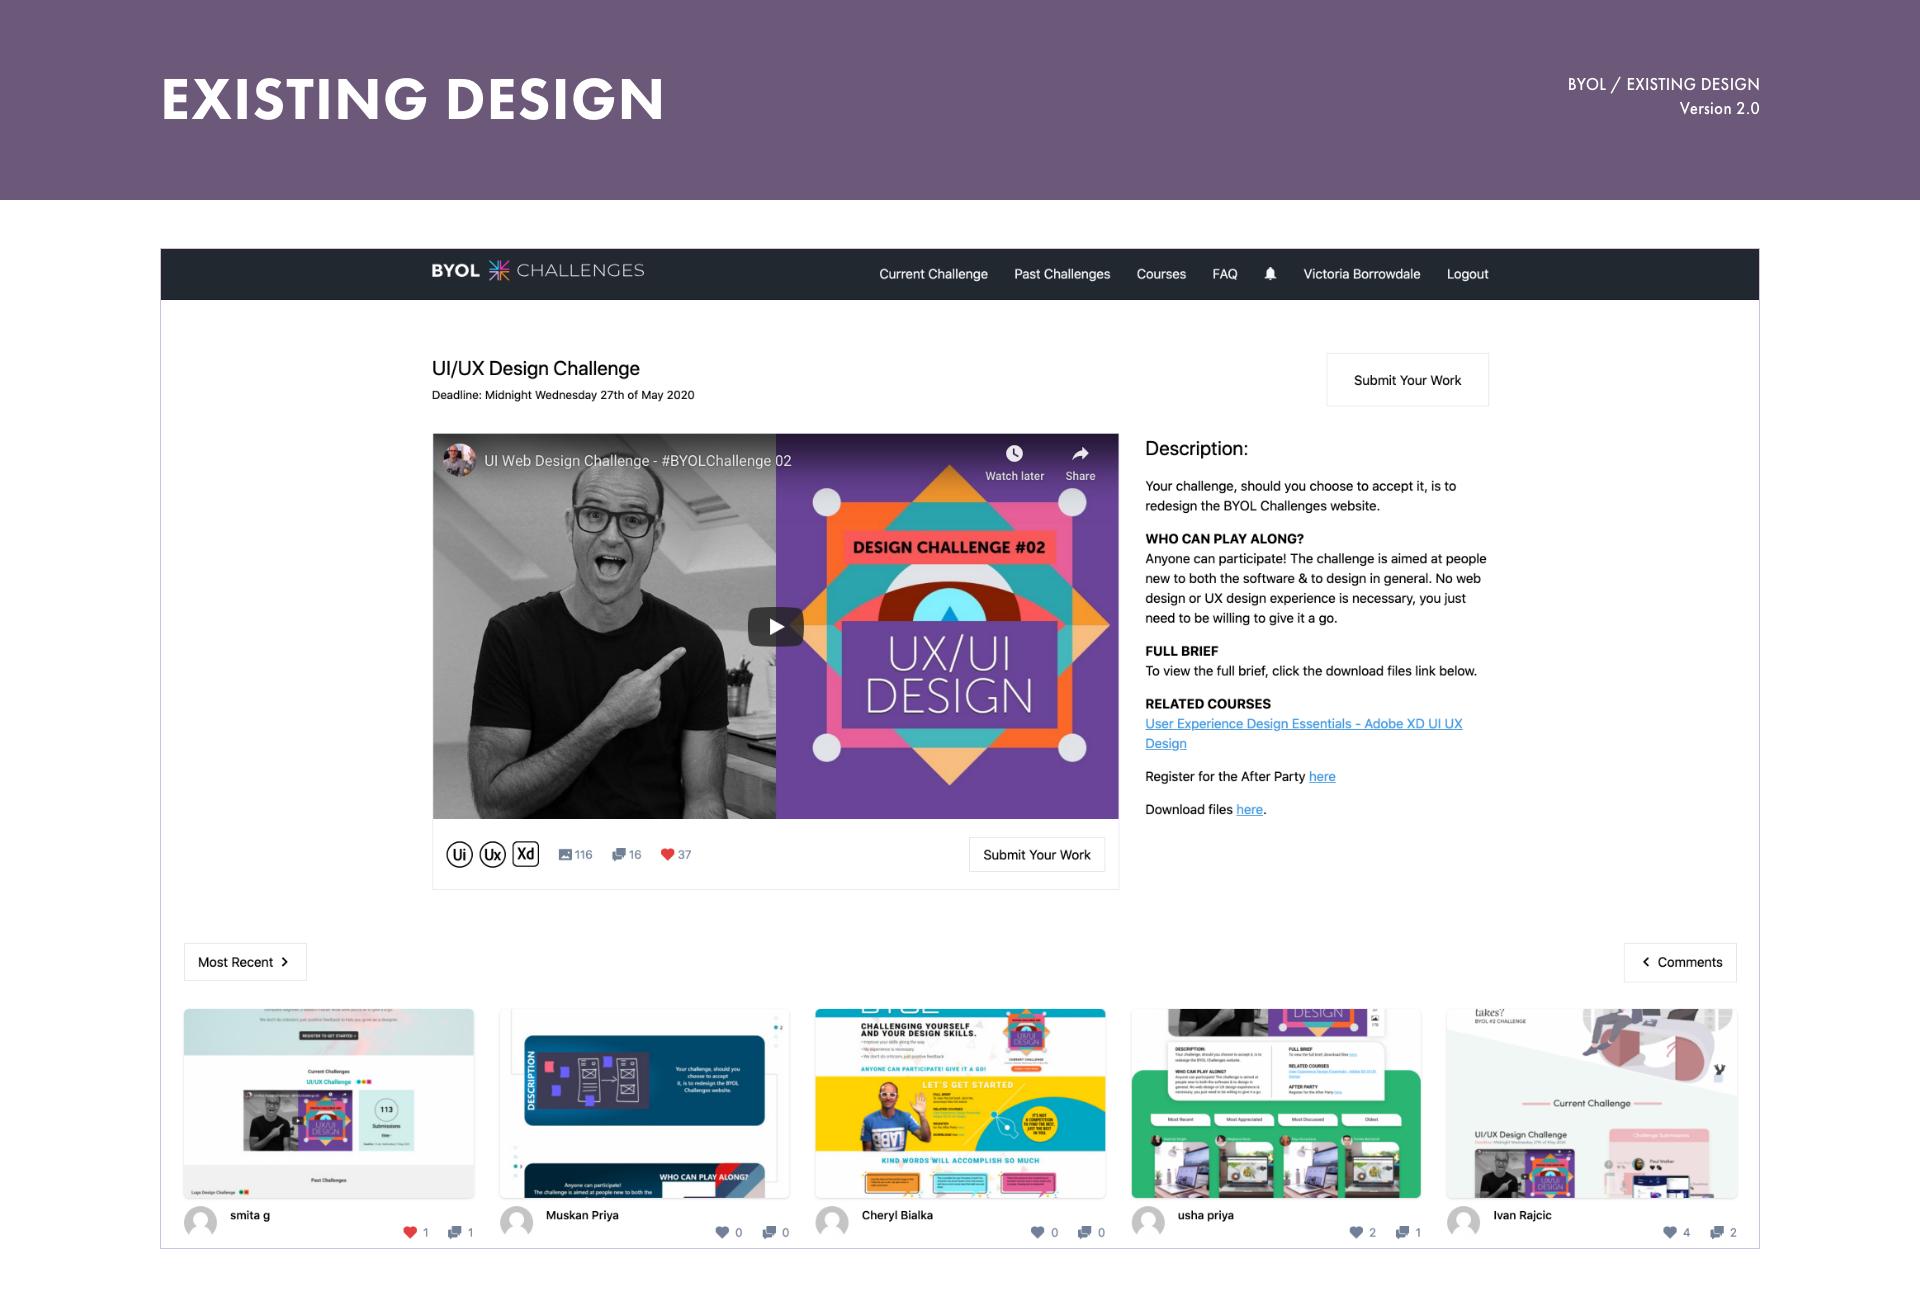 Existing website design reference